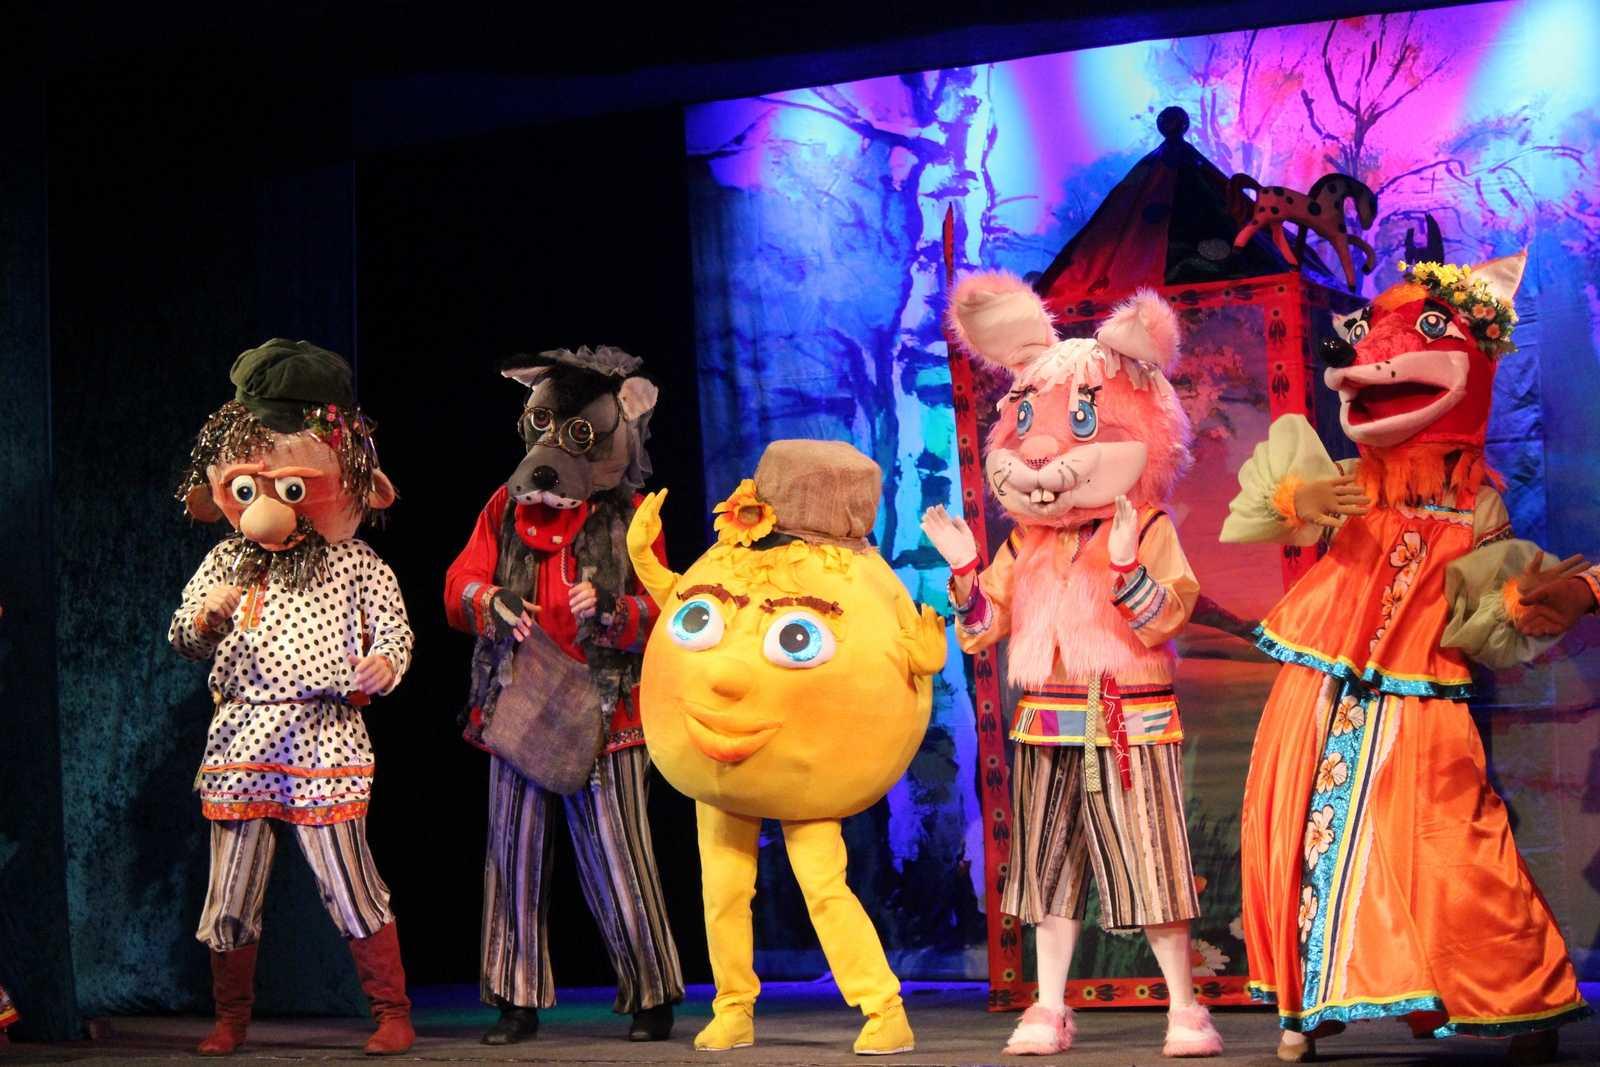 Квесты, спектакли, шоу, мюзиклы, вечеринки. детский портал солнышко solnet.ee